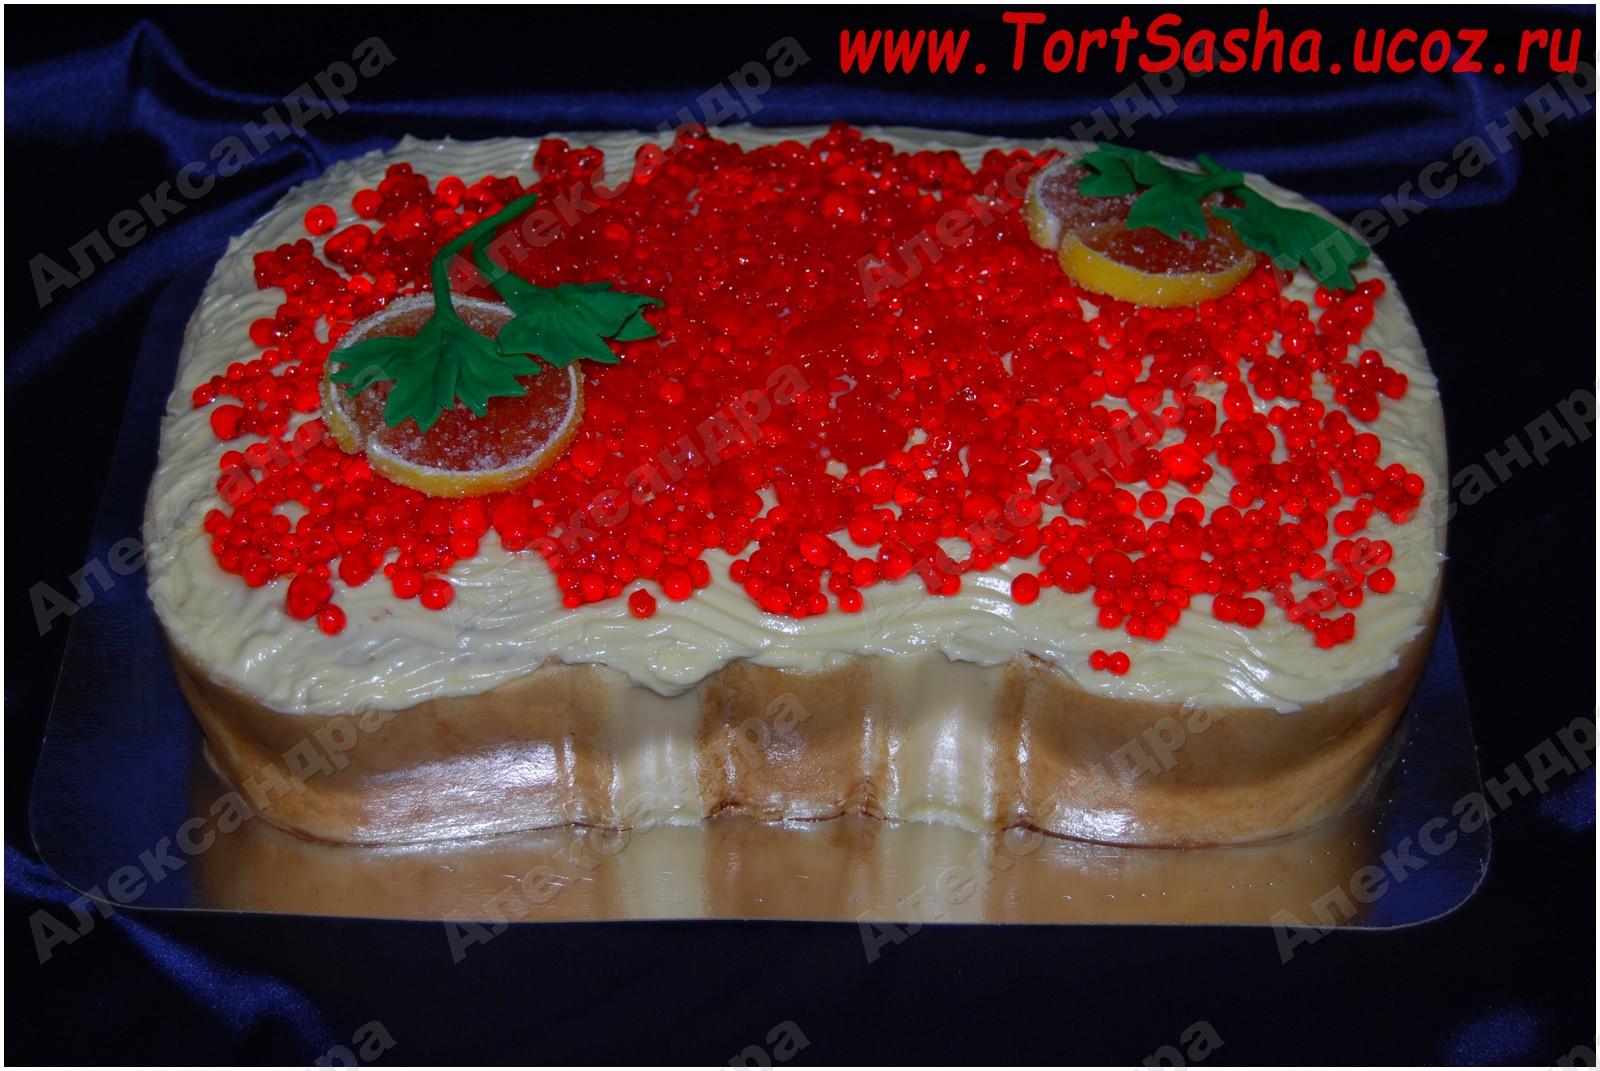 рецепты тортов с мастикой для начинающих с фото